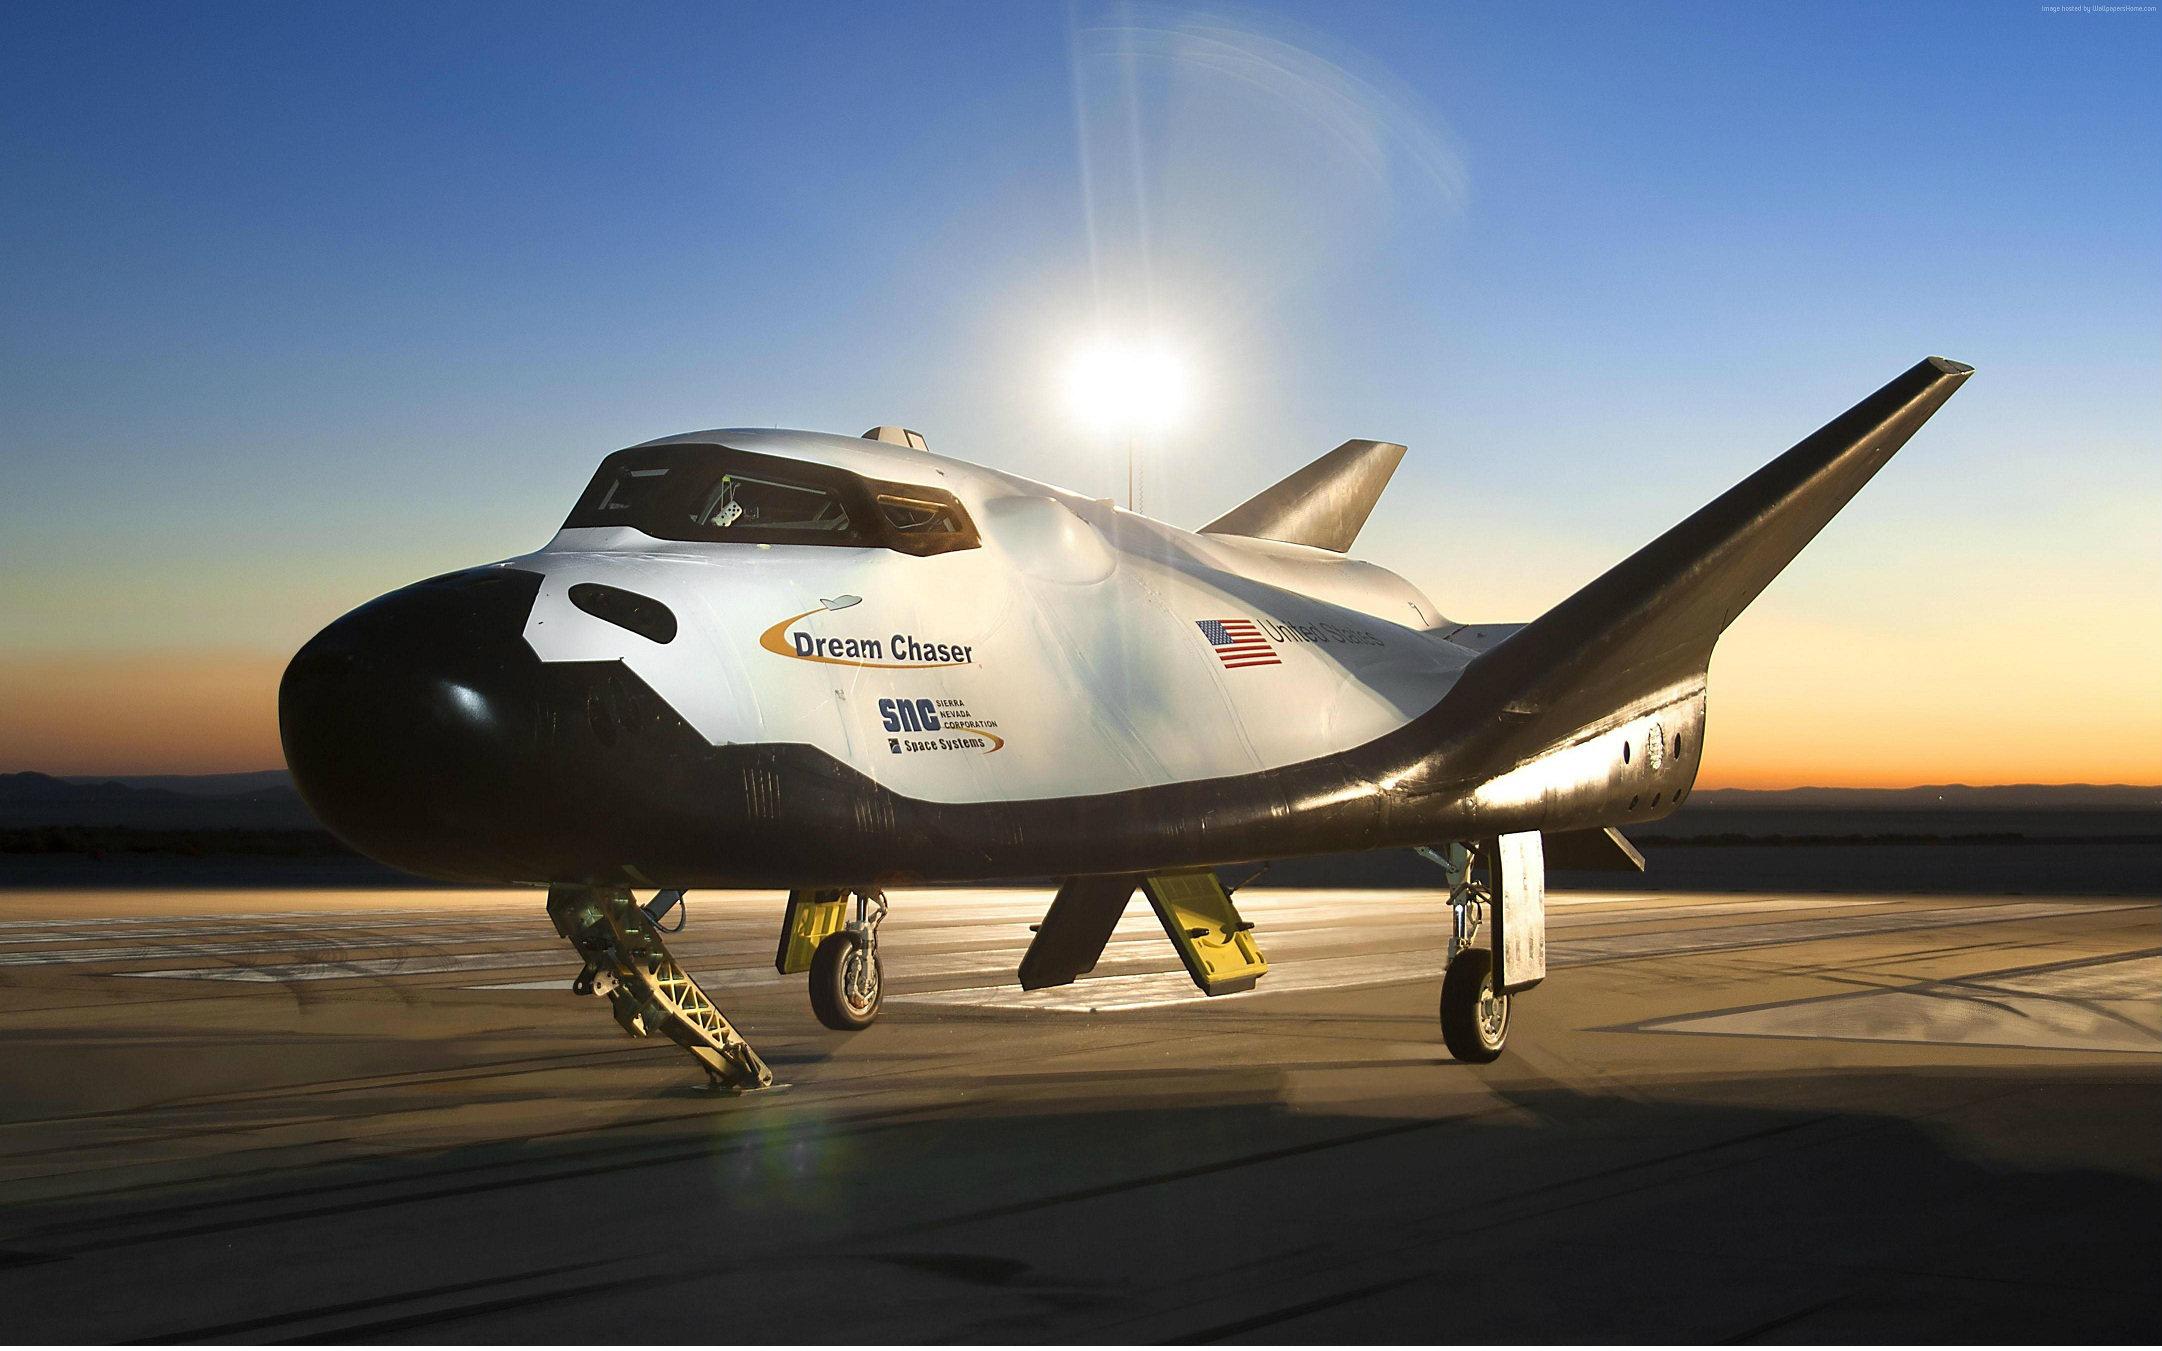 航天前沿|snc追梦者航天飞机货运系统